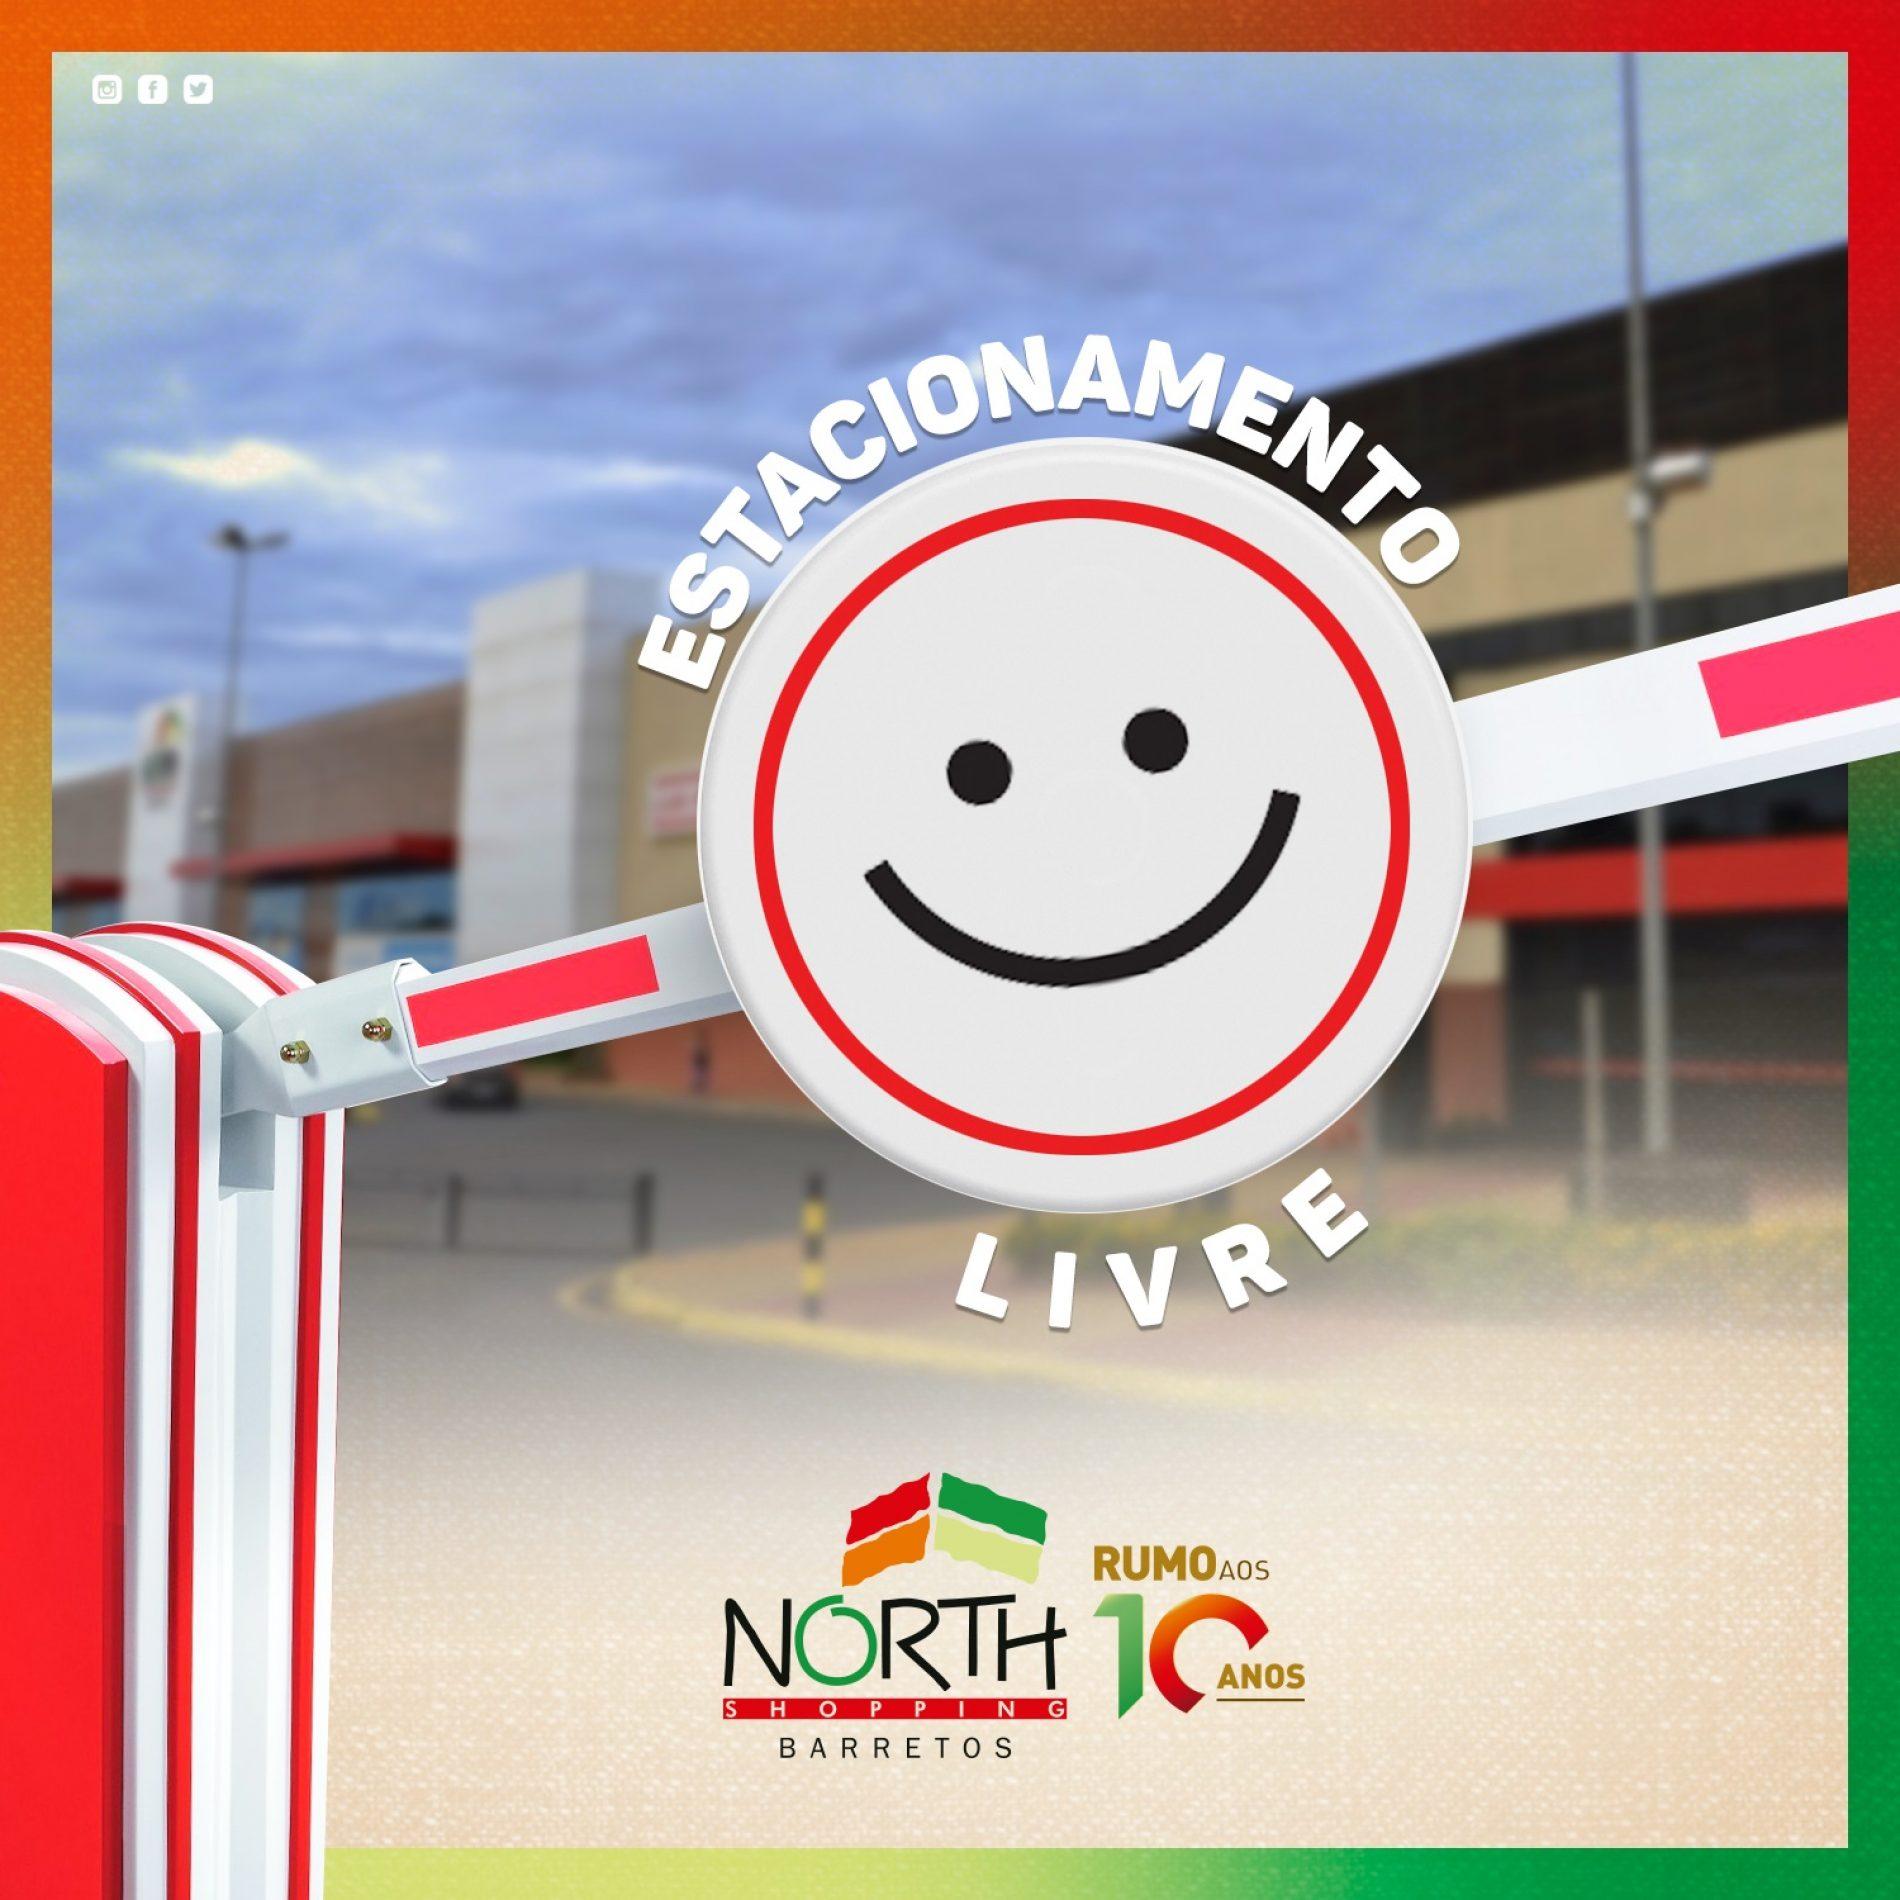 BARRETOS: Estacionamento do North Shopping está liberado gratuitamente durante quarentena